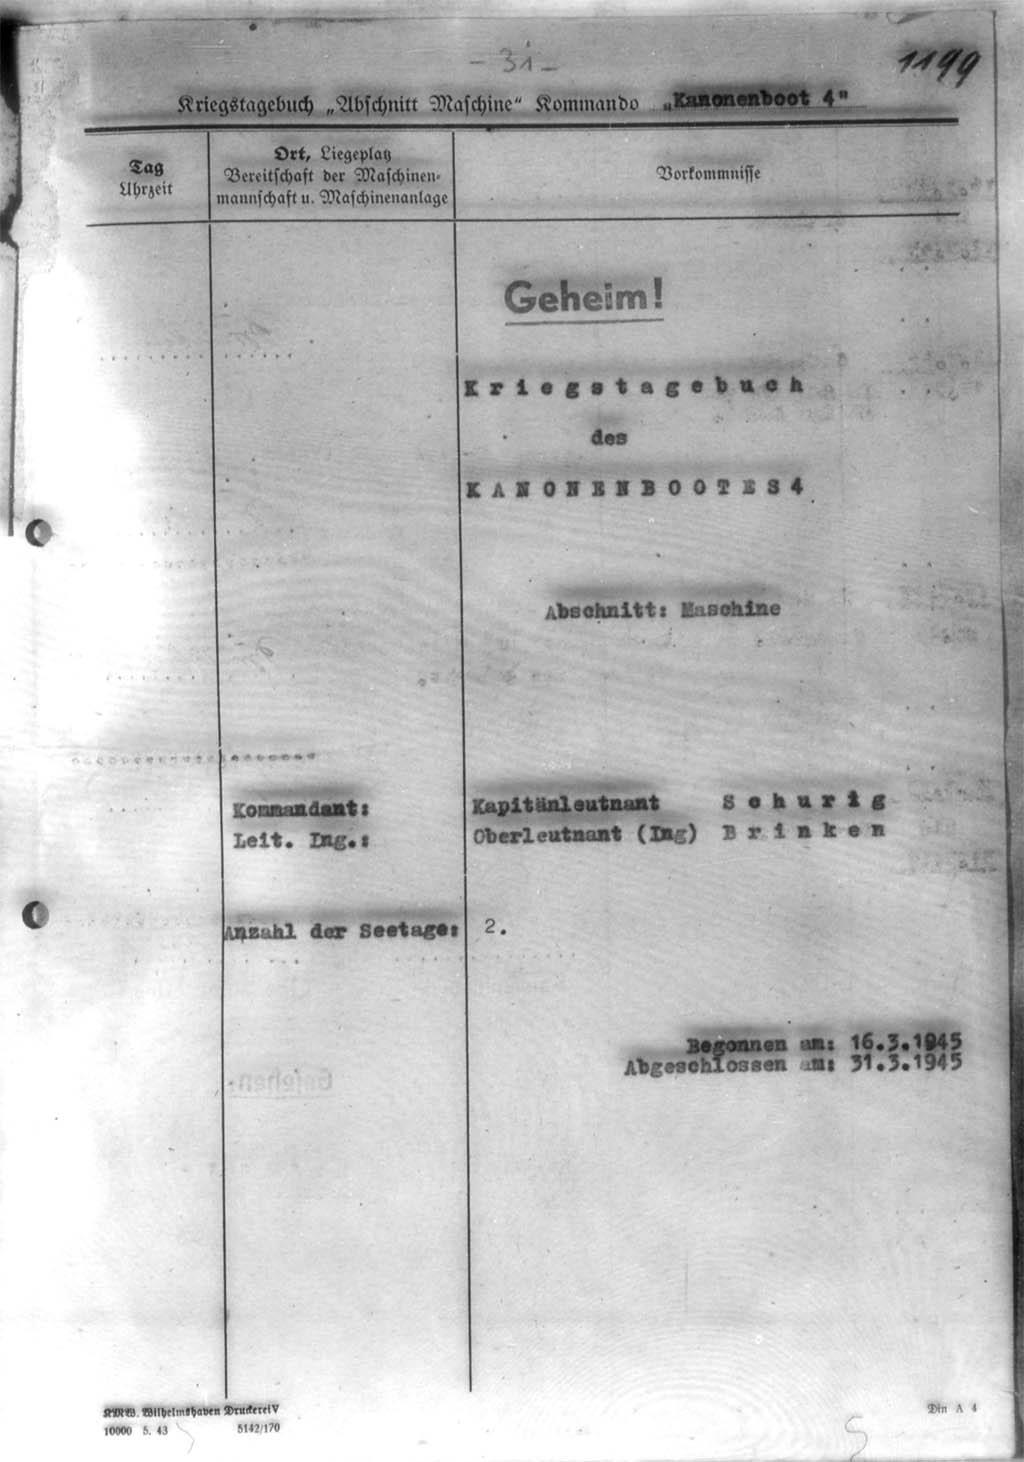 ARTEVELDE journal de bord comme K 4 K_4_c10